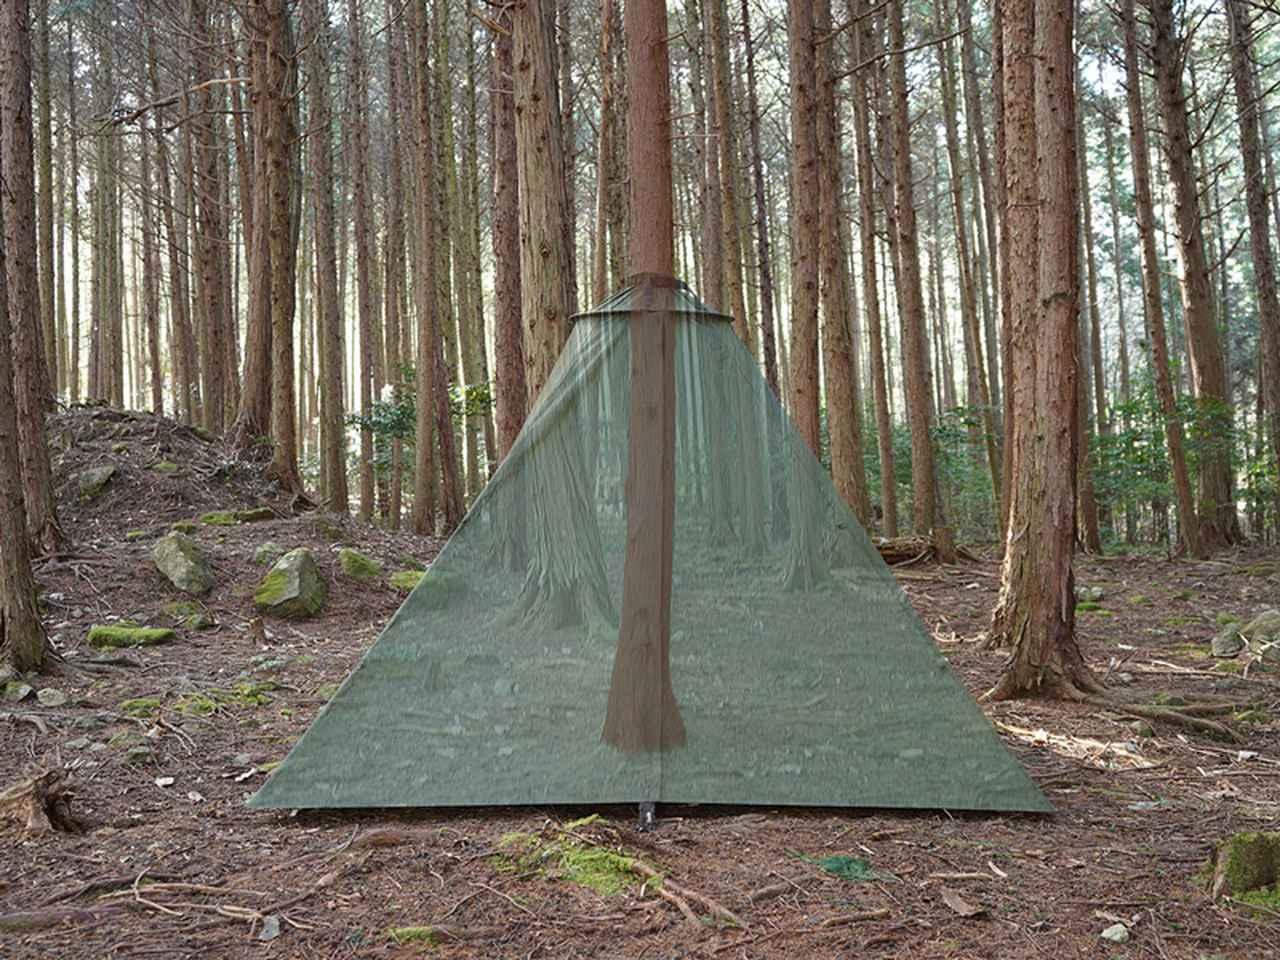 画像1: DOD(ディーオーディー)の新作テント「TREE LOVE(トゥリーラブ)」は木がメインポール?!新しいキャンプの楽しみ方を紹介